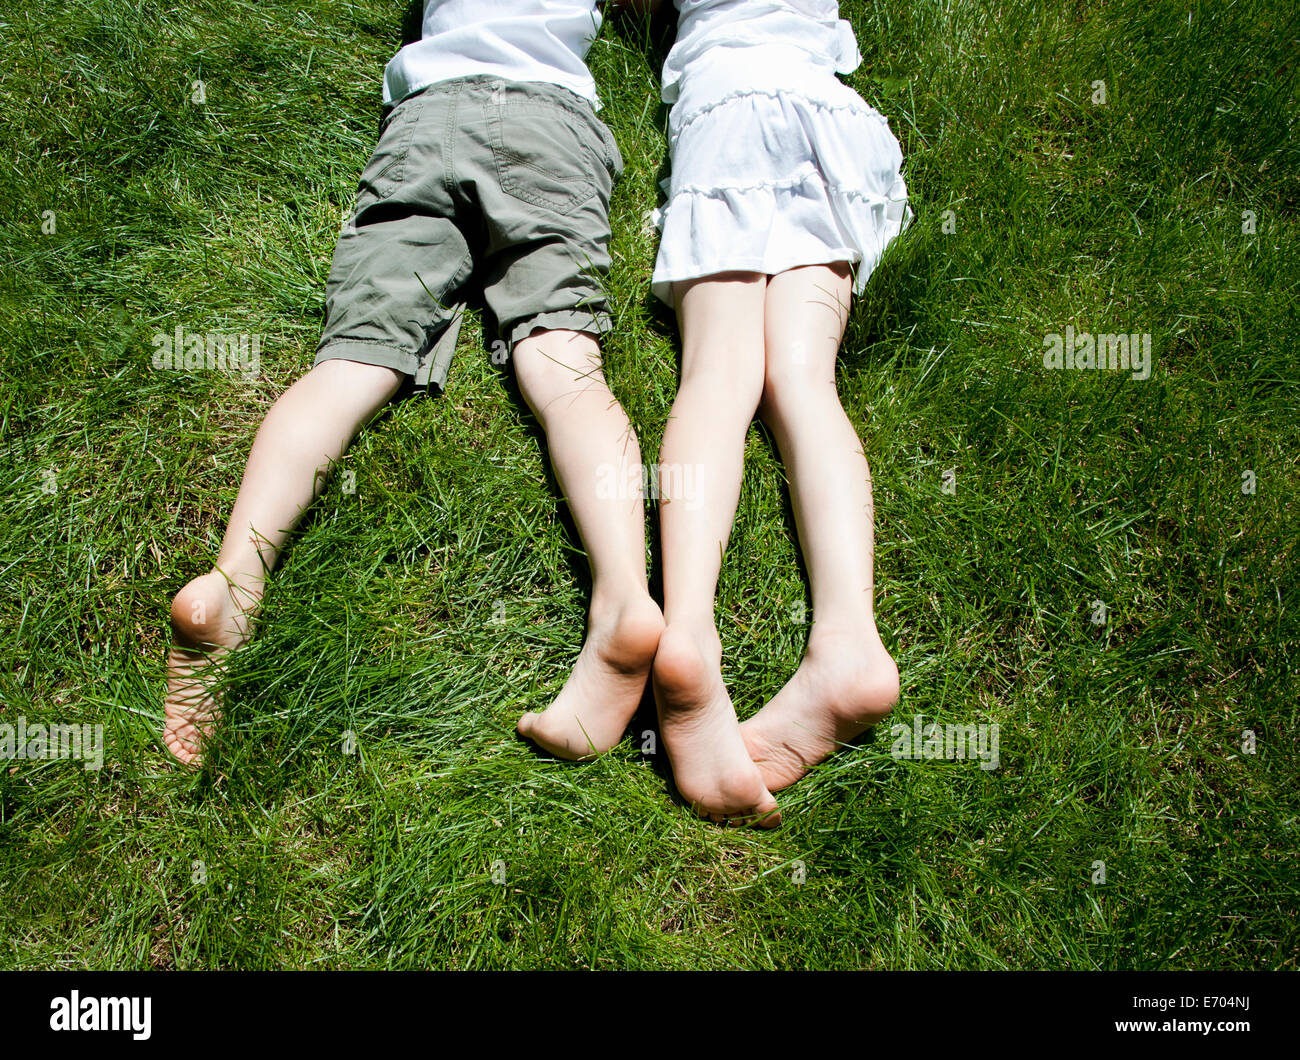 Draufsicht der Geschwister Beine, als sie auf dem Rasen lag Stockbild